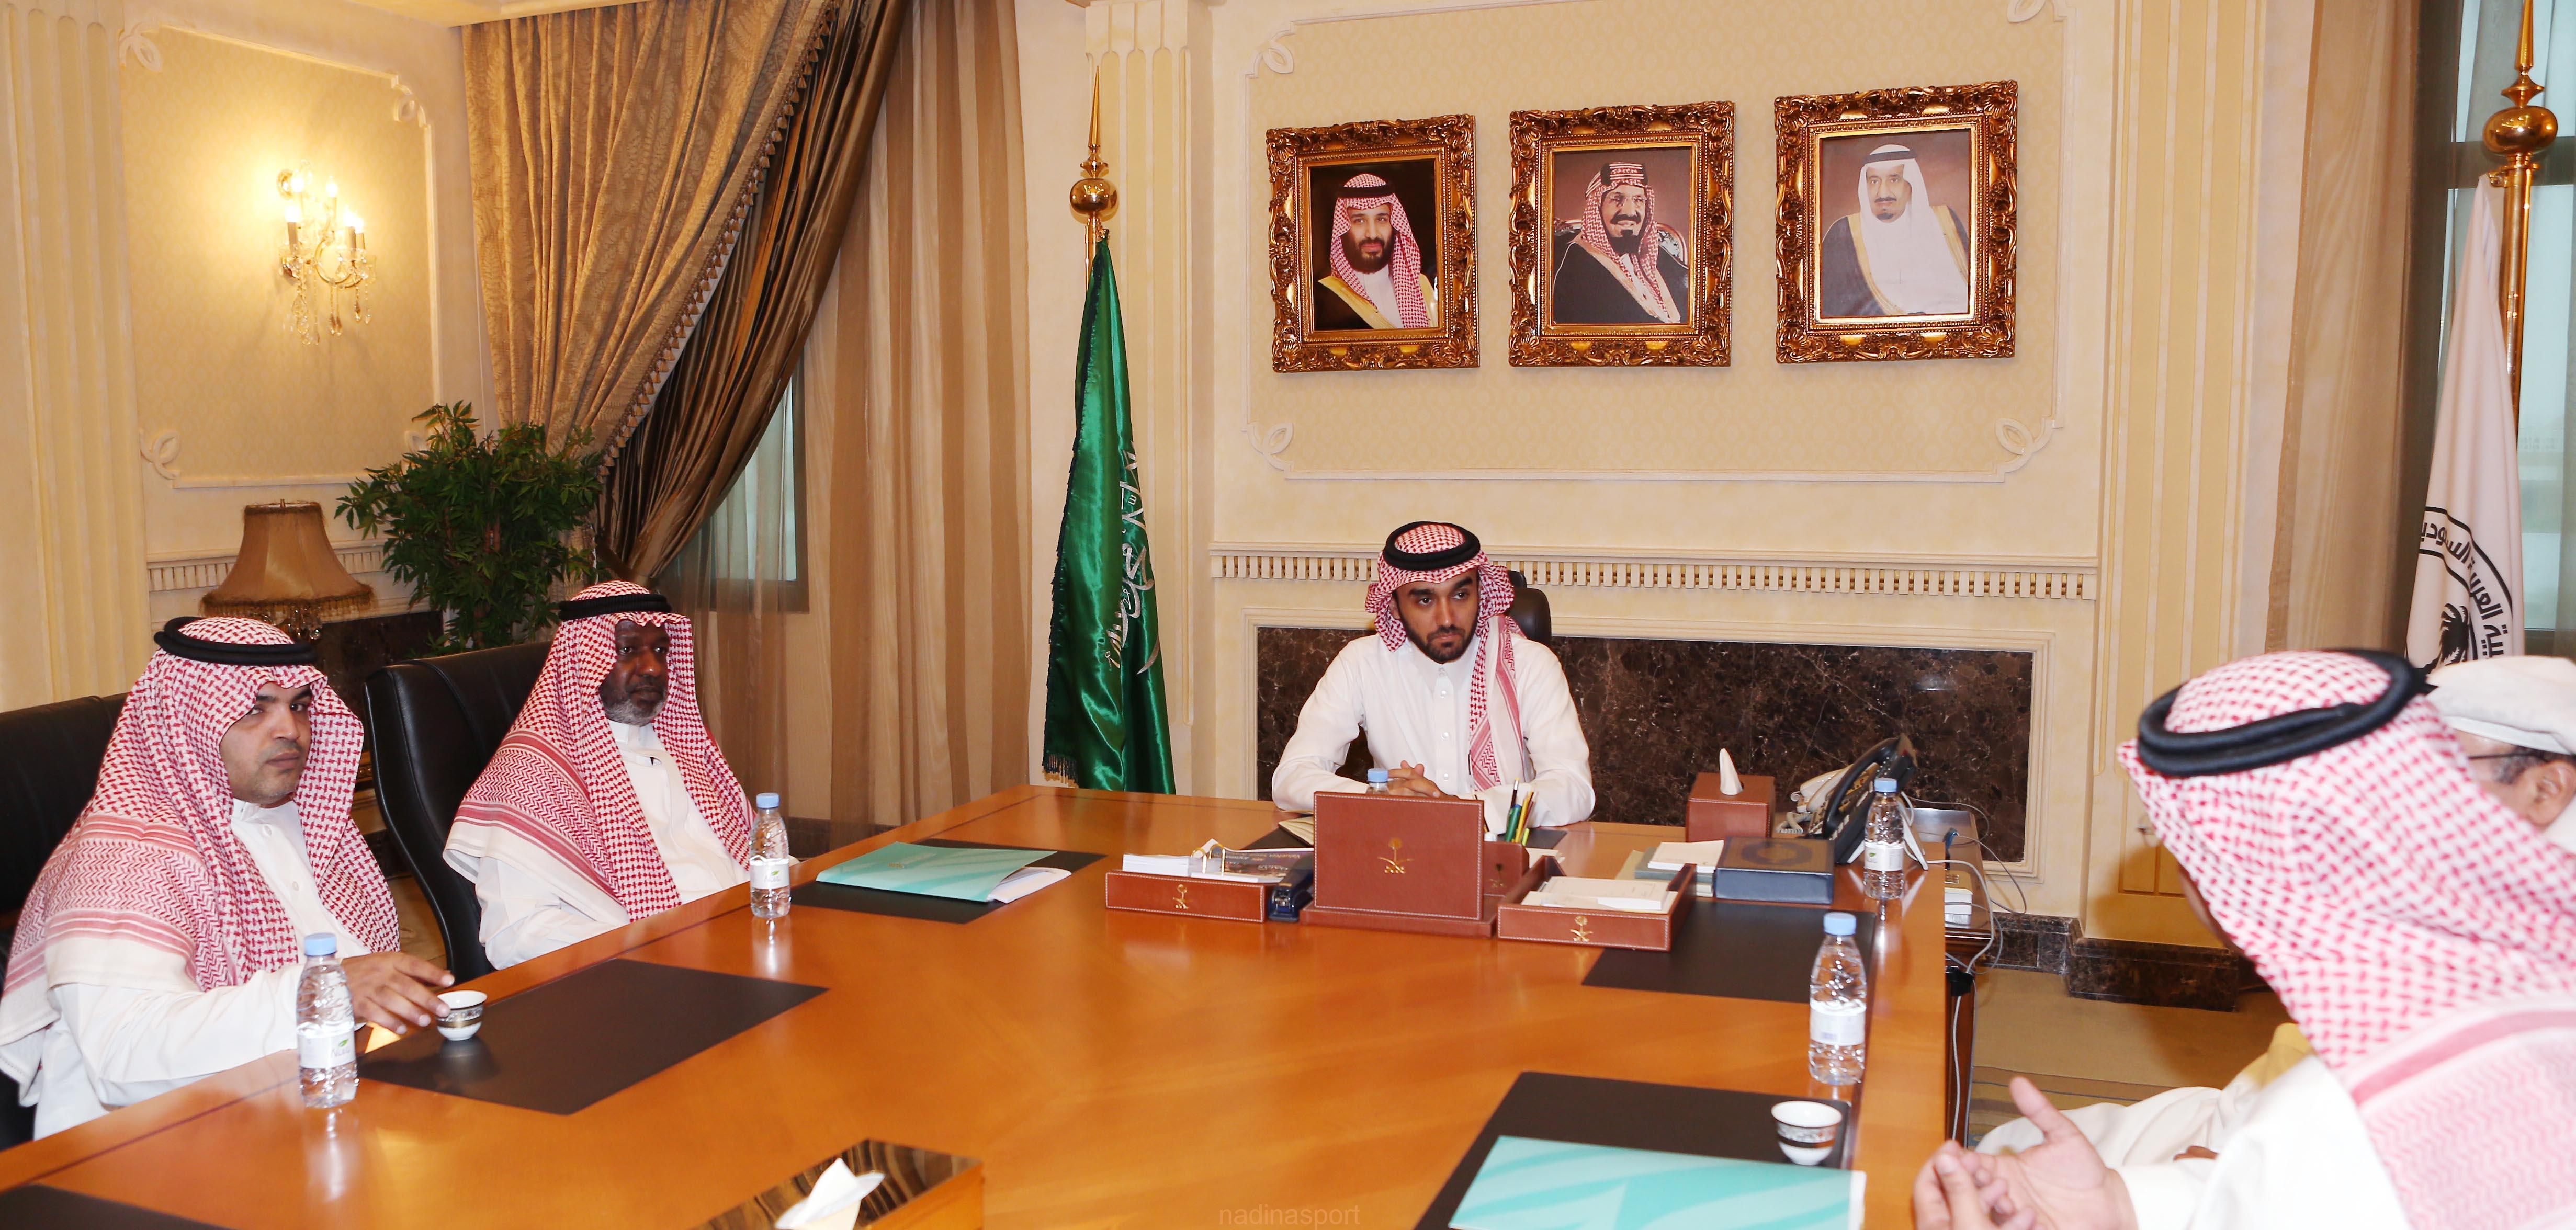 سمو الامير عبدالعزيز بن تركي يستقبل الكابتن ماجد عبدالله